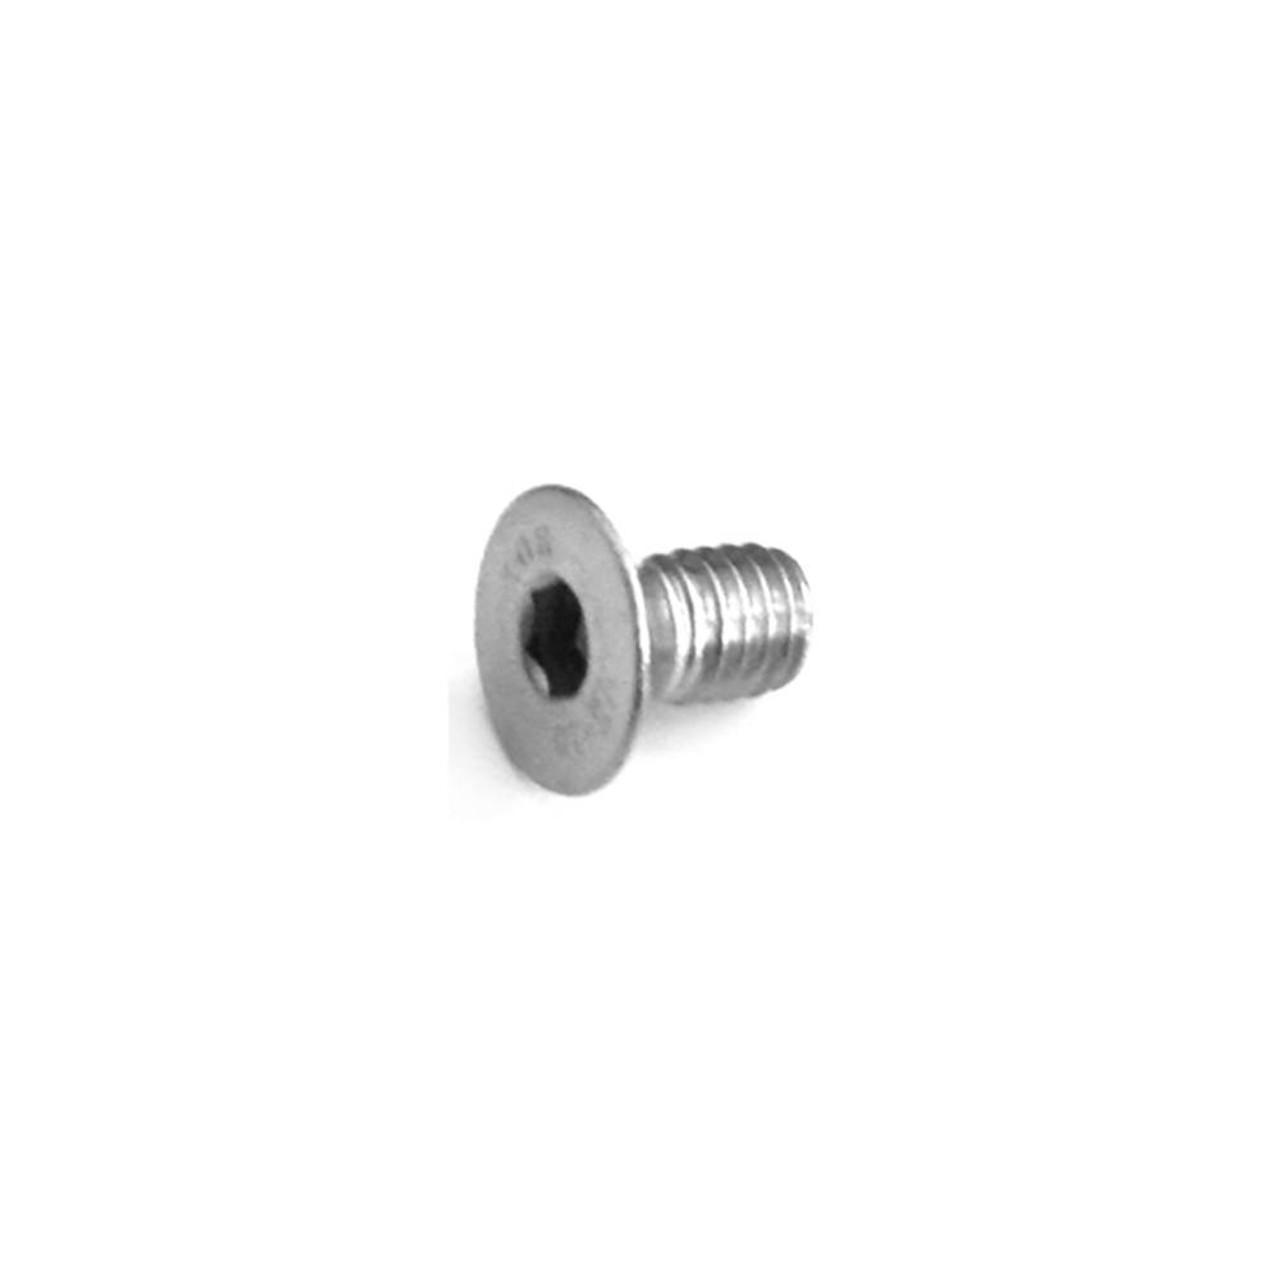 M6 x 10 mm Hardware Screw (AX00.091.265.A.SP)